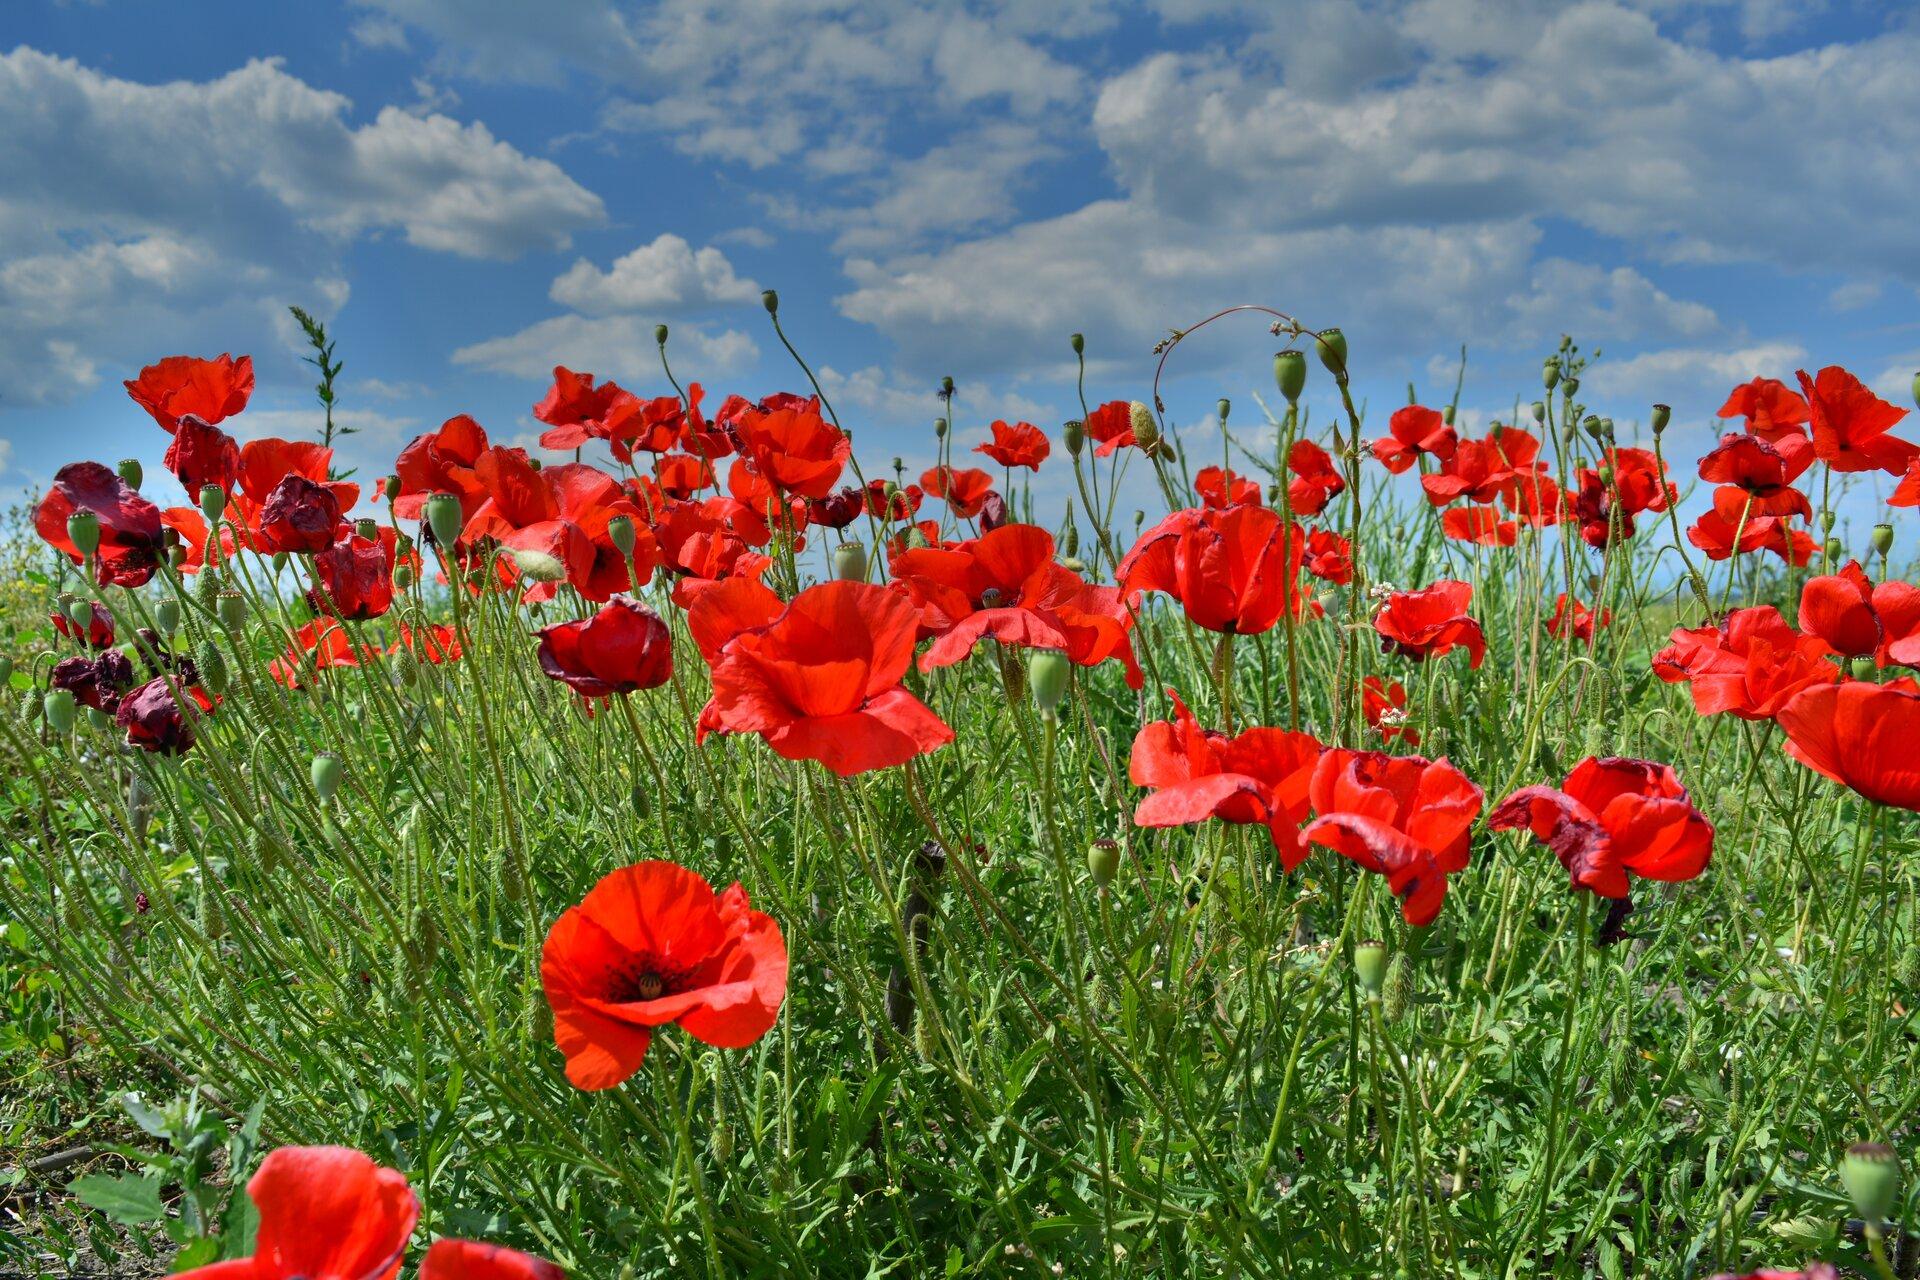 Fotografia przedstawia kilkanaście czerwonych maków. Mają duże, delikatne płatki iczarne środki. Wznoszą się na cienkich łodyżkach. Między nimi kłosy traw ikwitnące niebiesko chabry.